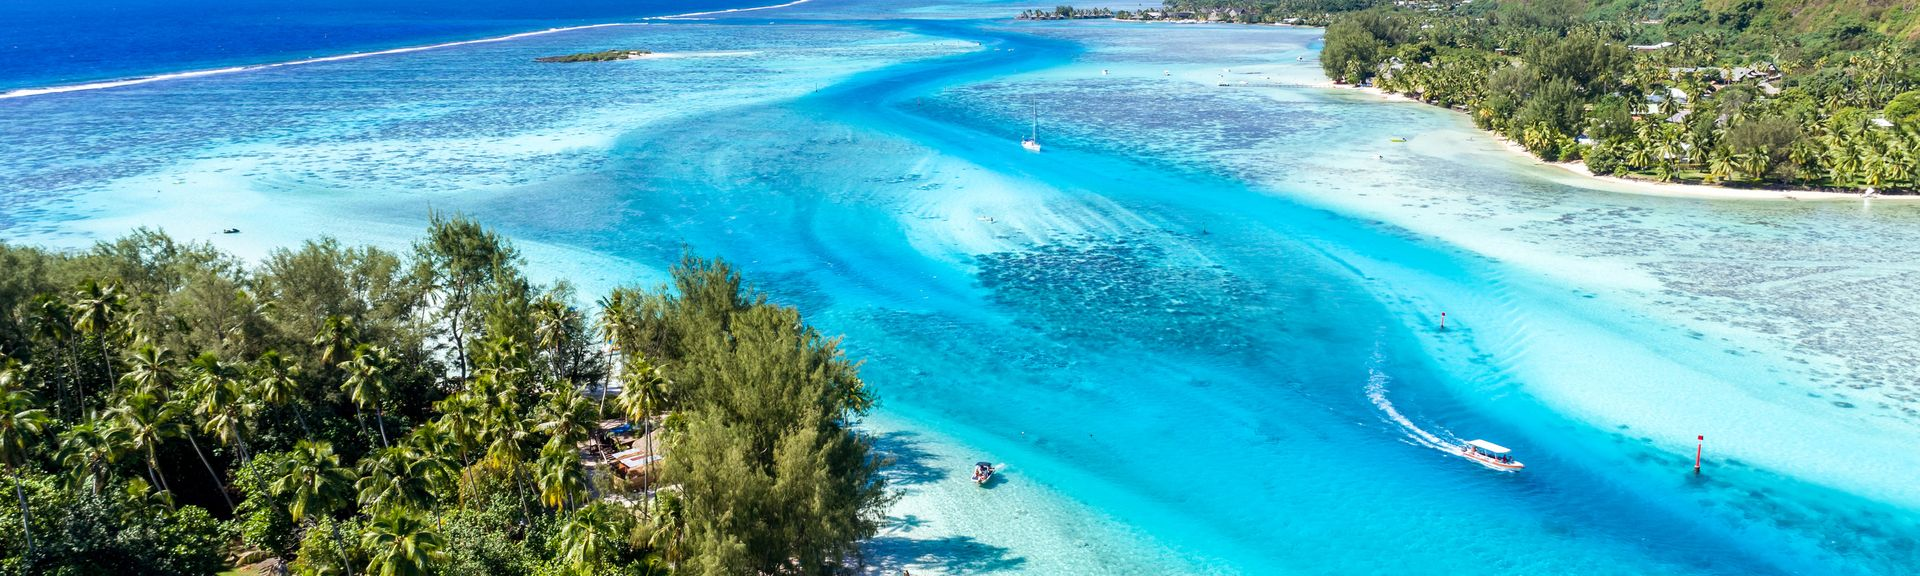 Tiahura, Moorea-Maiao, Windward Islands, French Polynesia